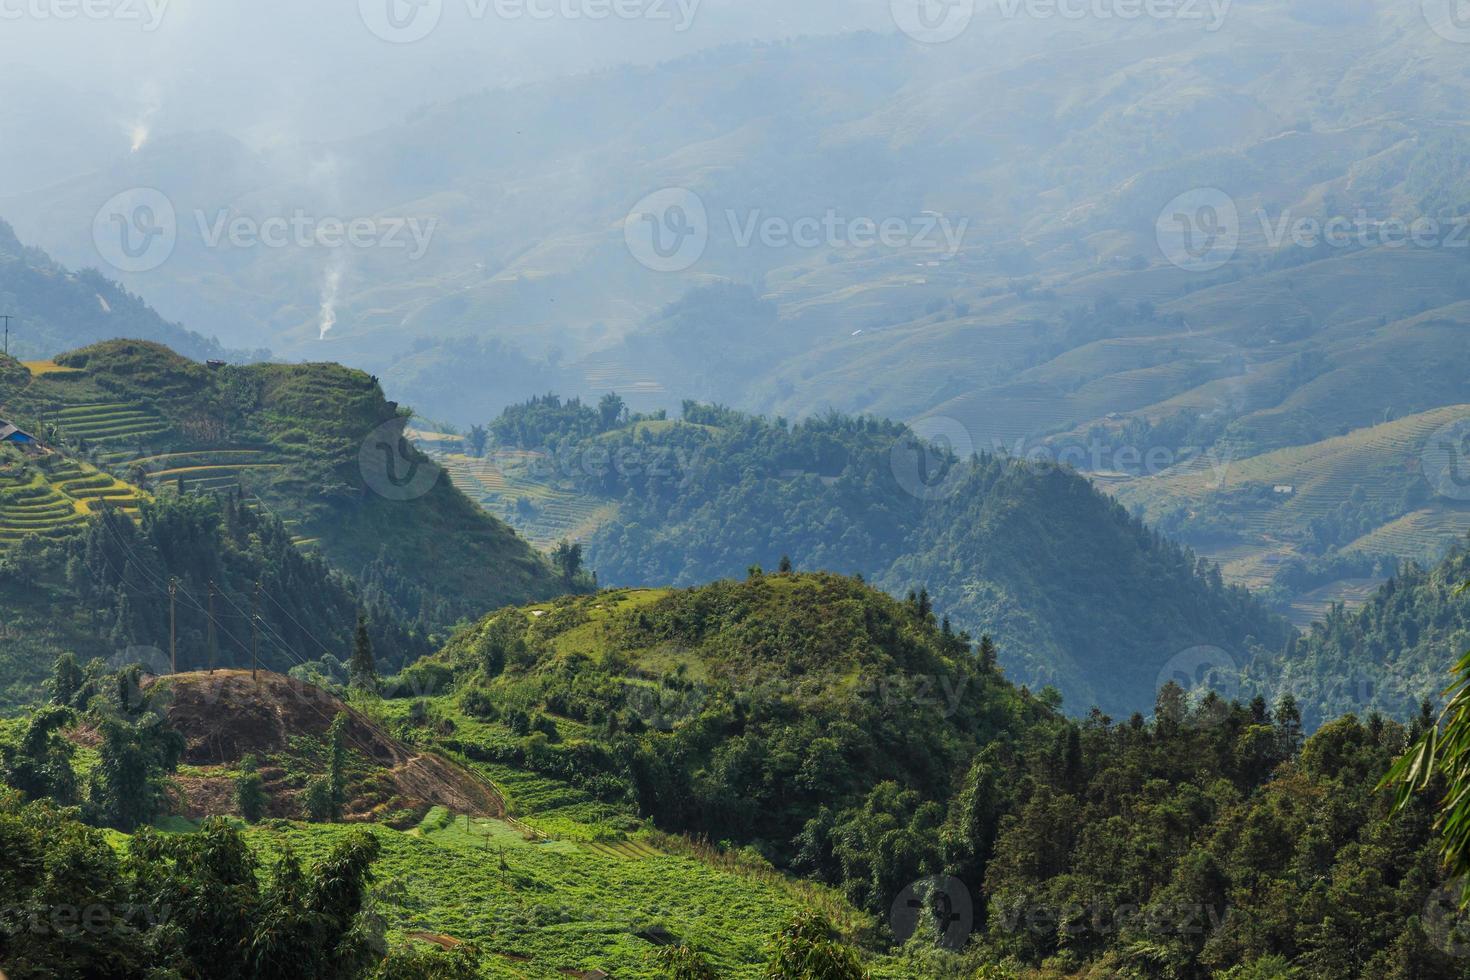 Valley Vietnam photo